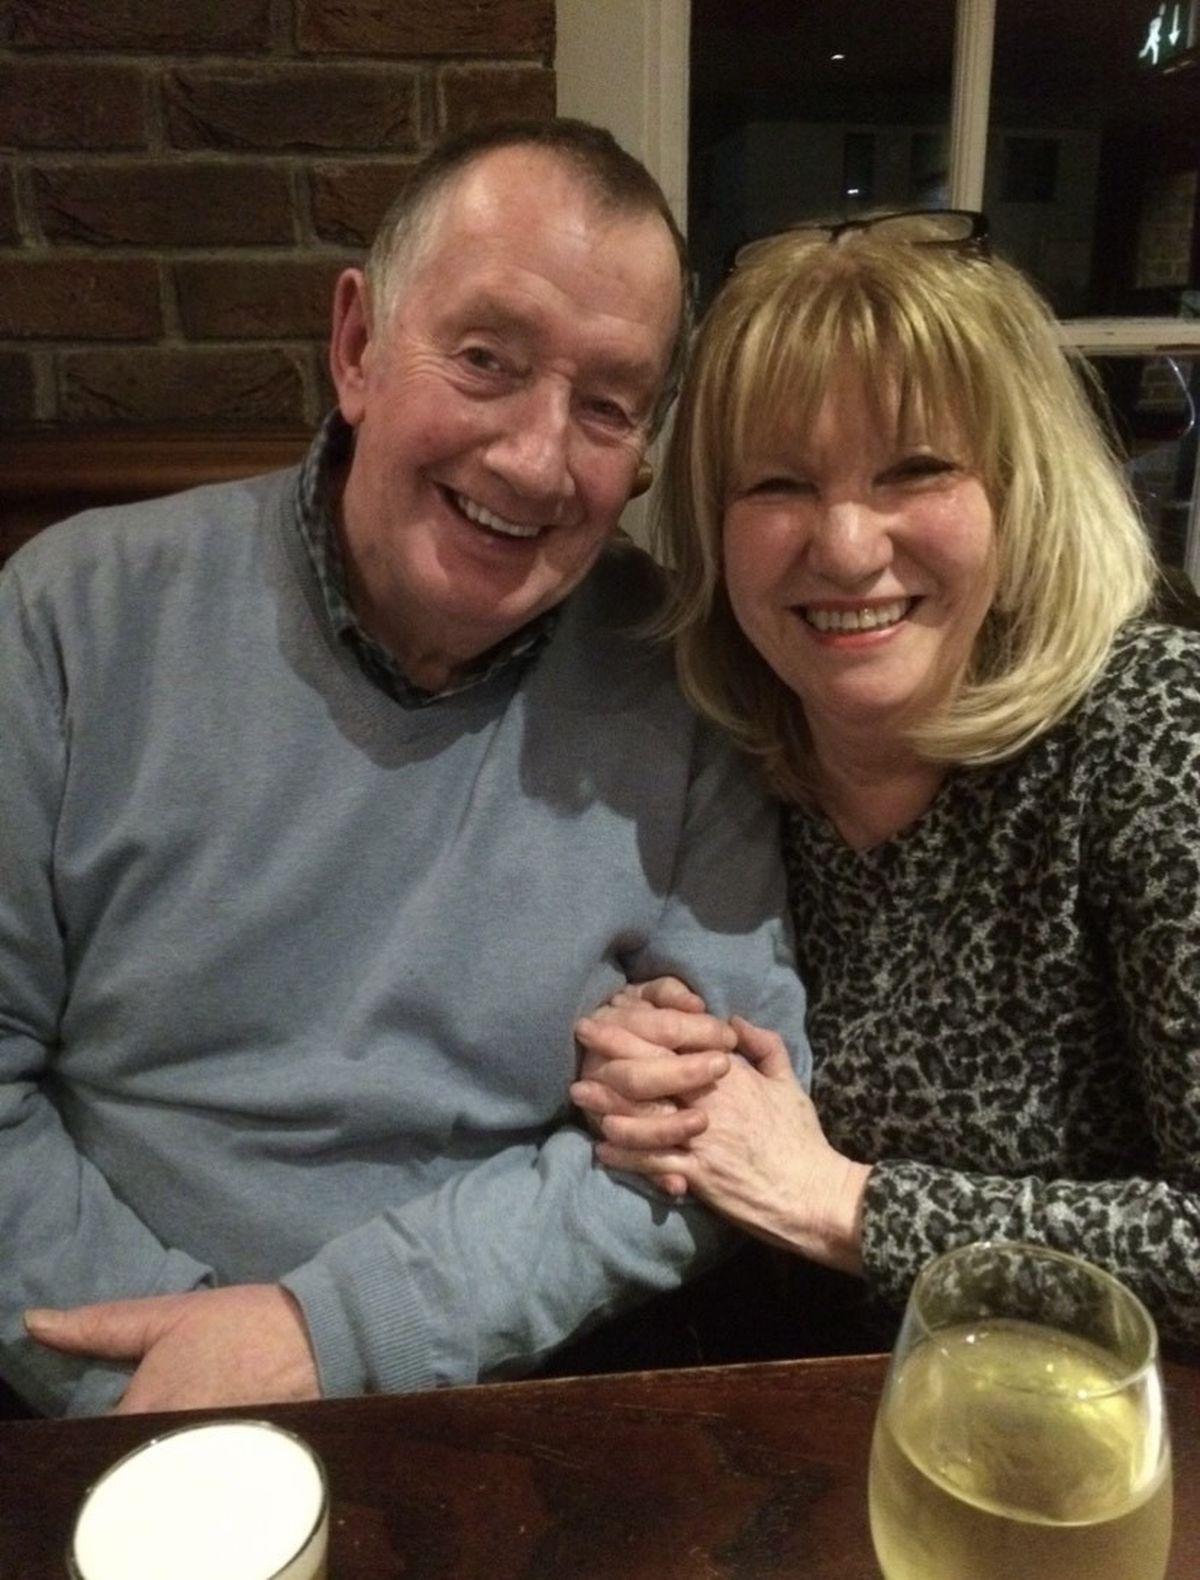 Stuart Chapman and Vicky Chapman